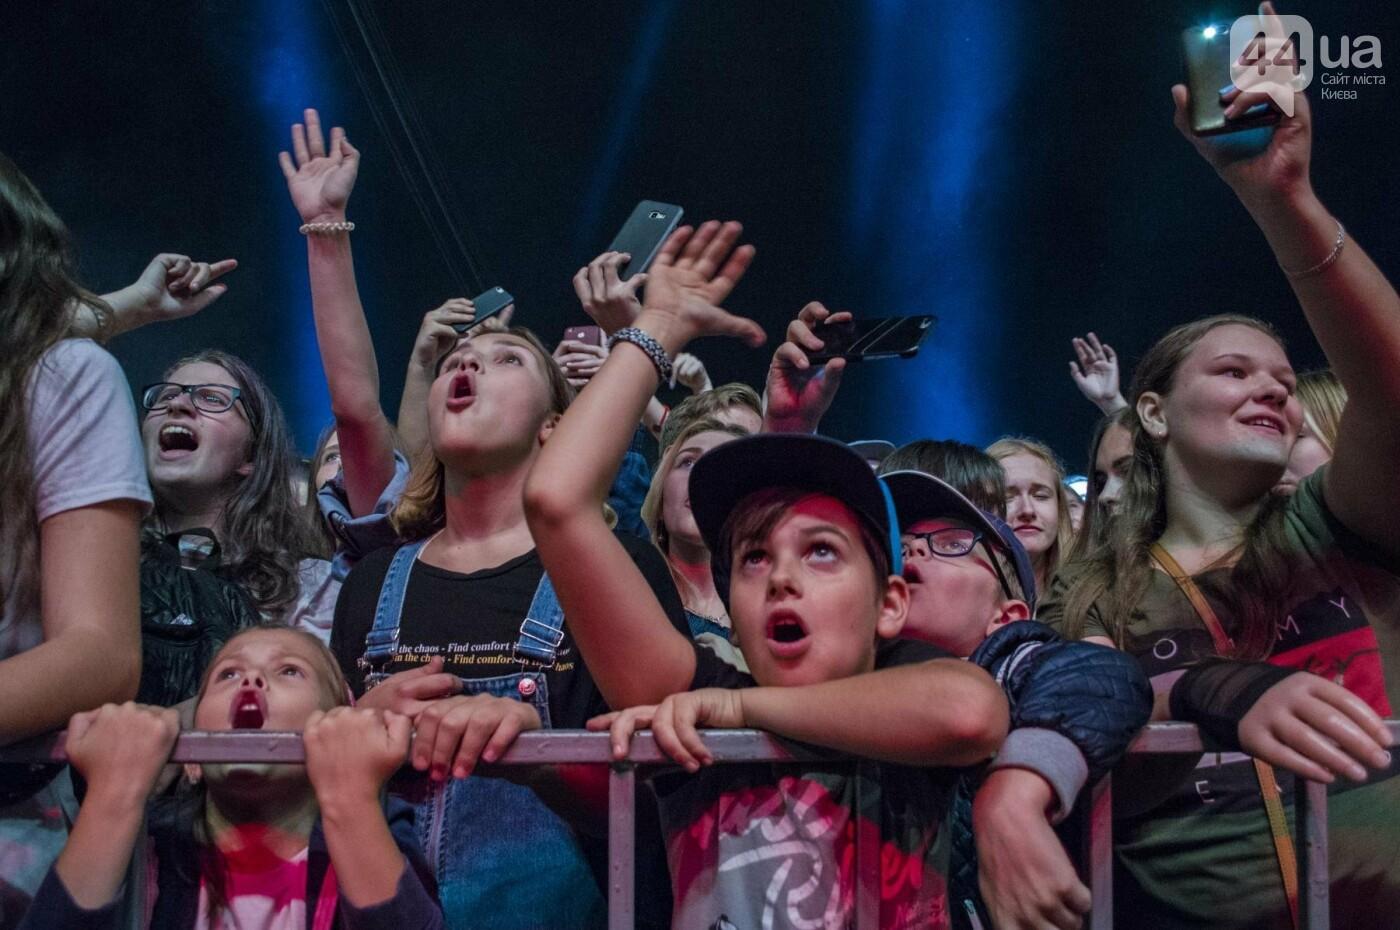 """Взрывные """"MOZGI"""", патриотичный Ярмак и воздушный шар: как в Киеве отгремел первый SolomaFest, фото-22"""